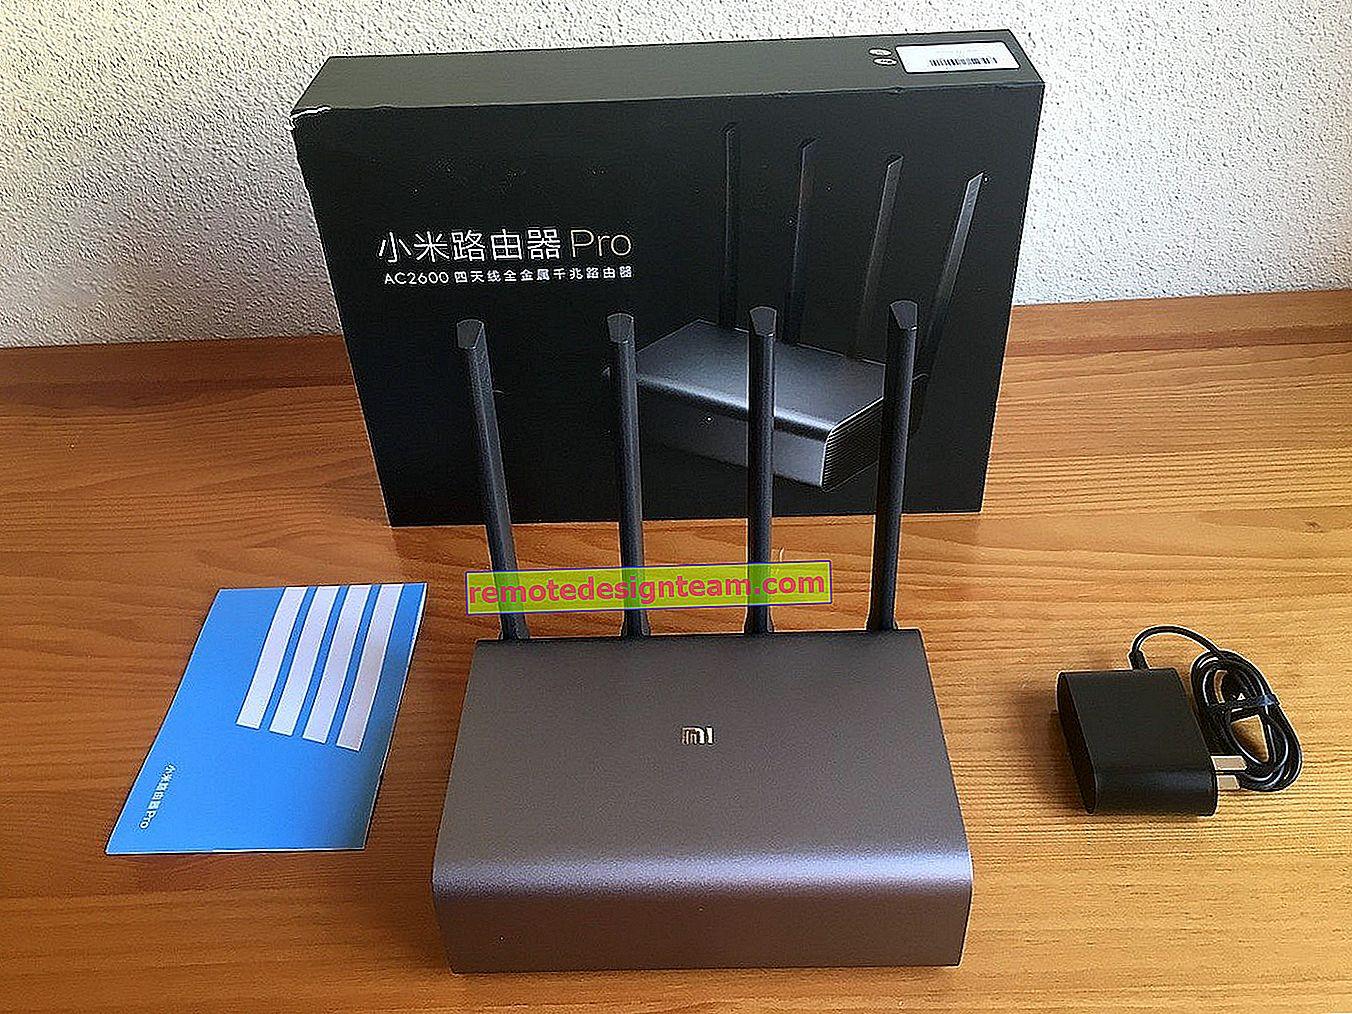 Collegamento e configurazione del router Wi-Fi Xiaomi Mi 3